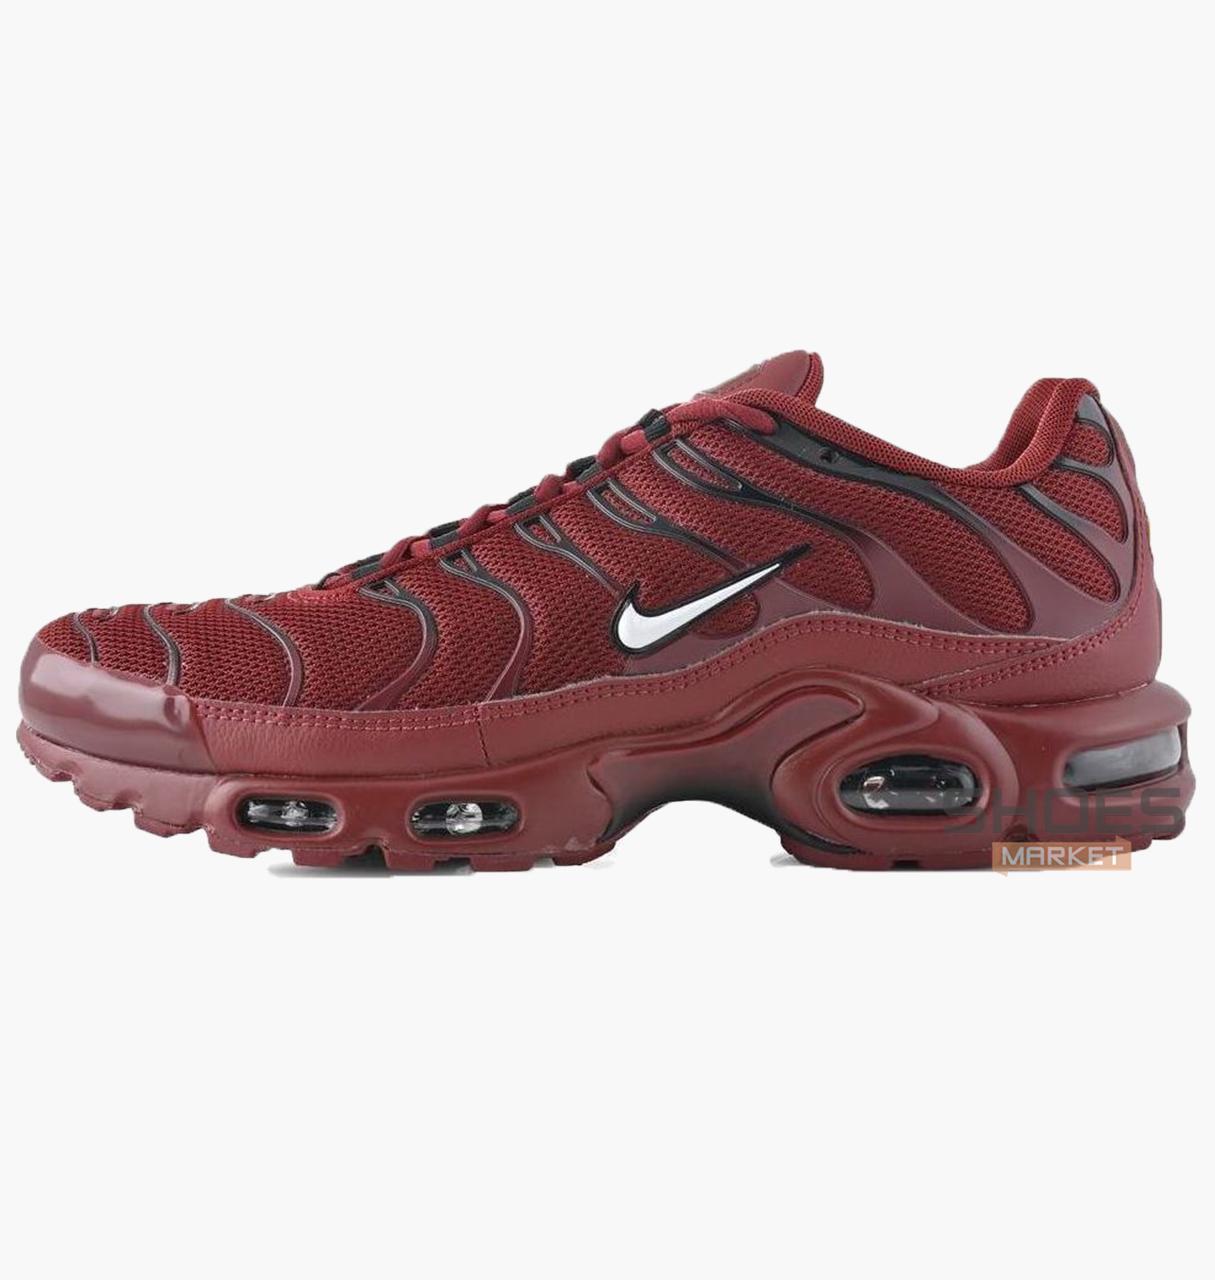 Мужские кроссовки Nike Air Max Plus Red 852630-602, оригинал